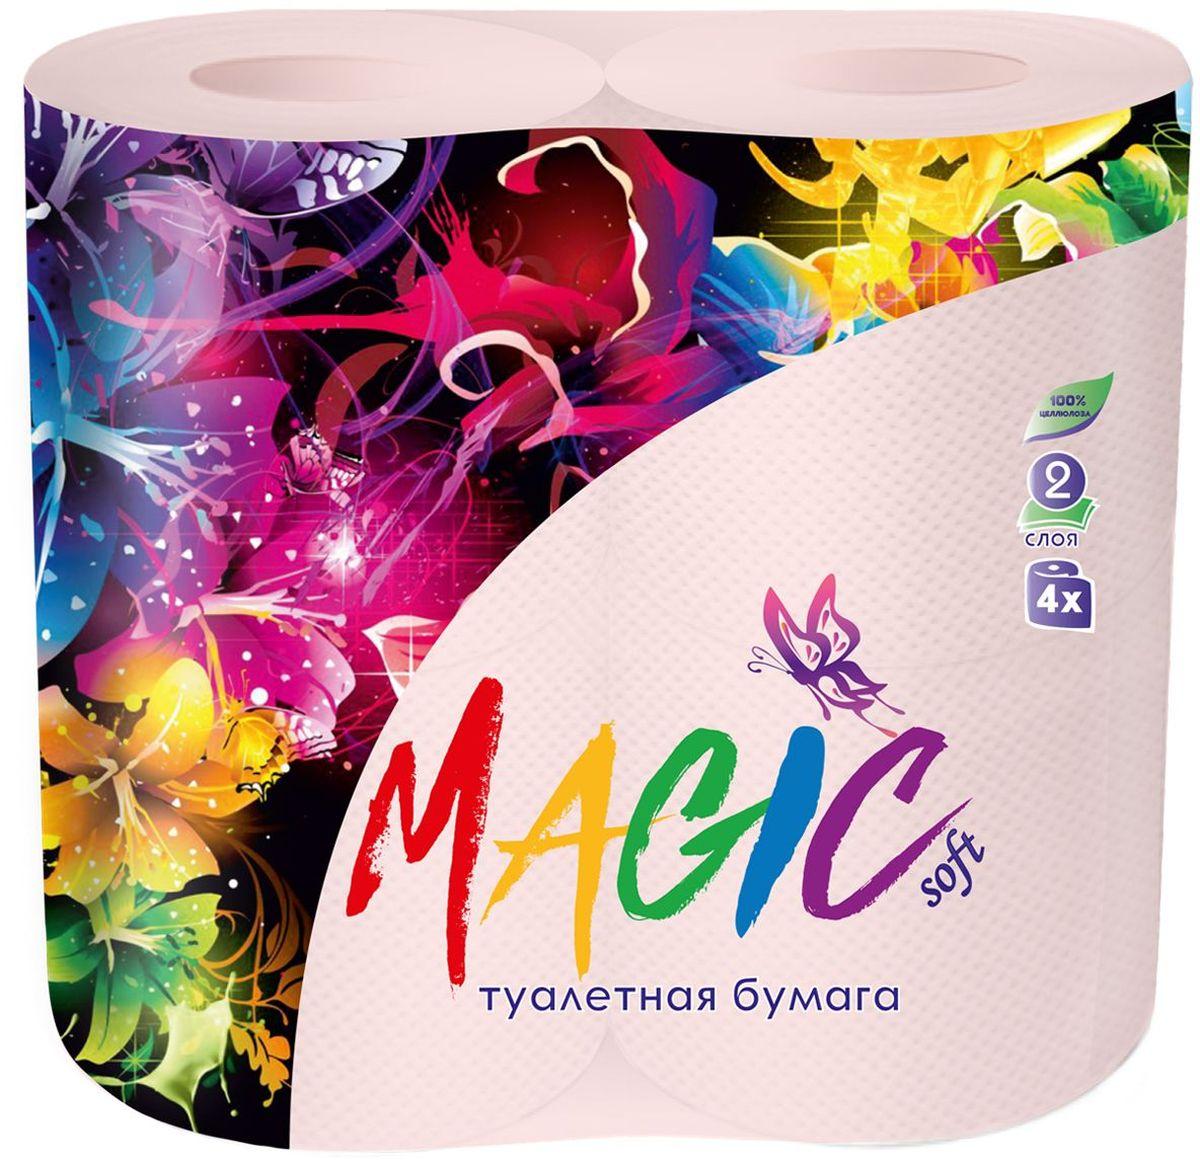 Туалетная бумага Magic Soft, цвет: розовый, 4 рулона20034Для бытового и санитарно-гигиенического назначения. Одноразового использования.